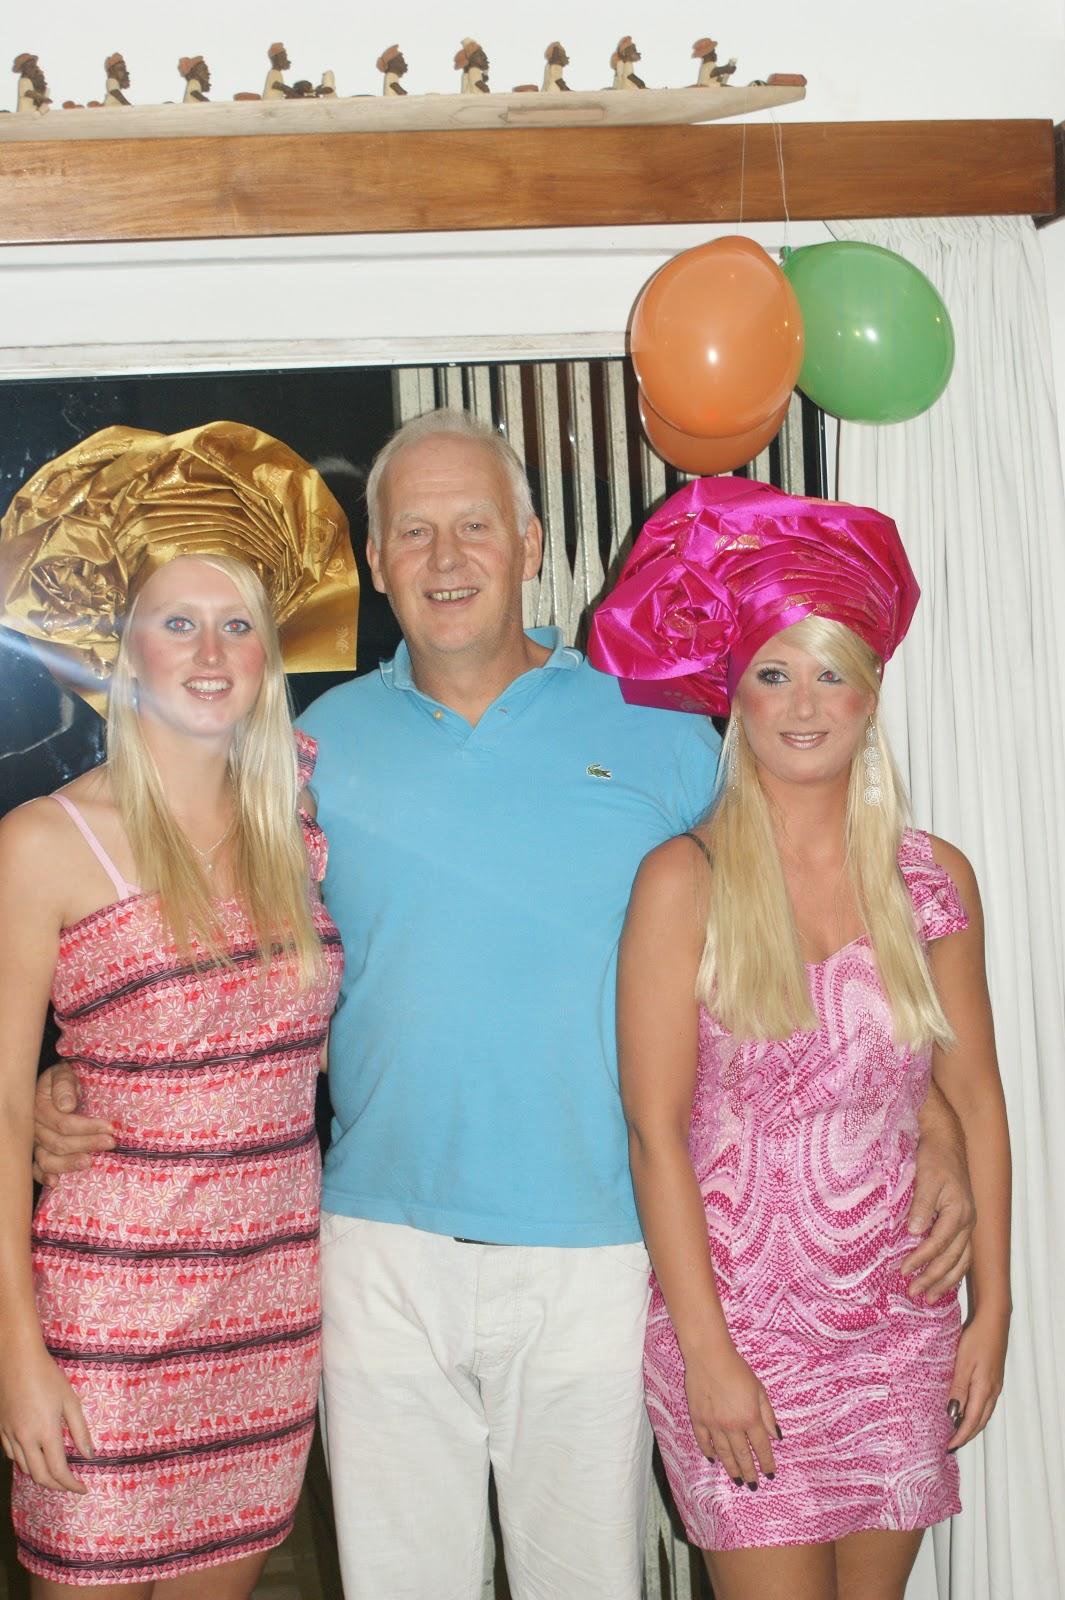 Hetlevenna: Bezoek van de meiden uit holland